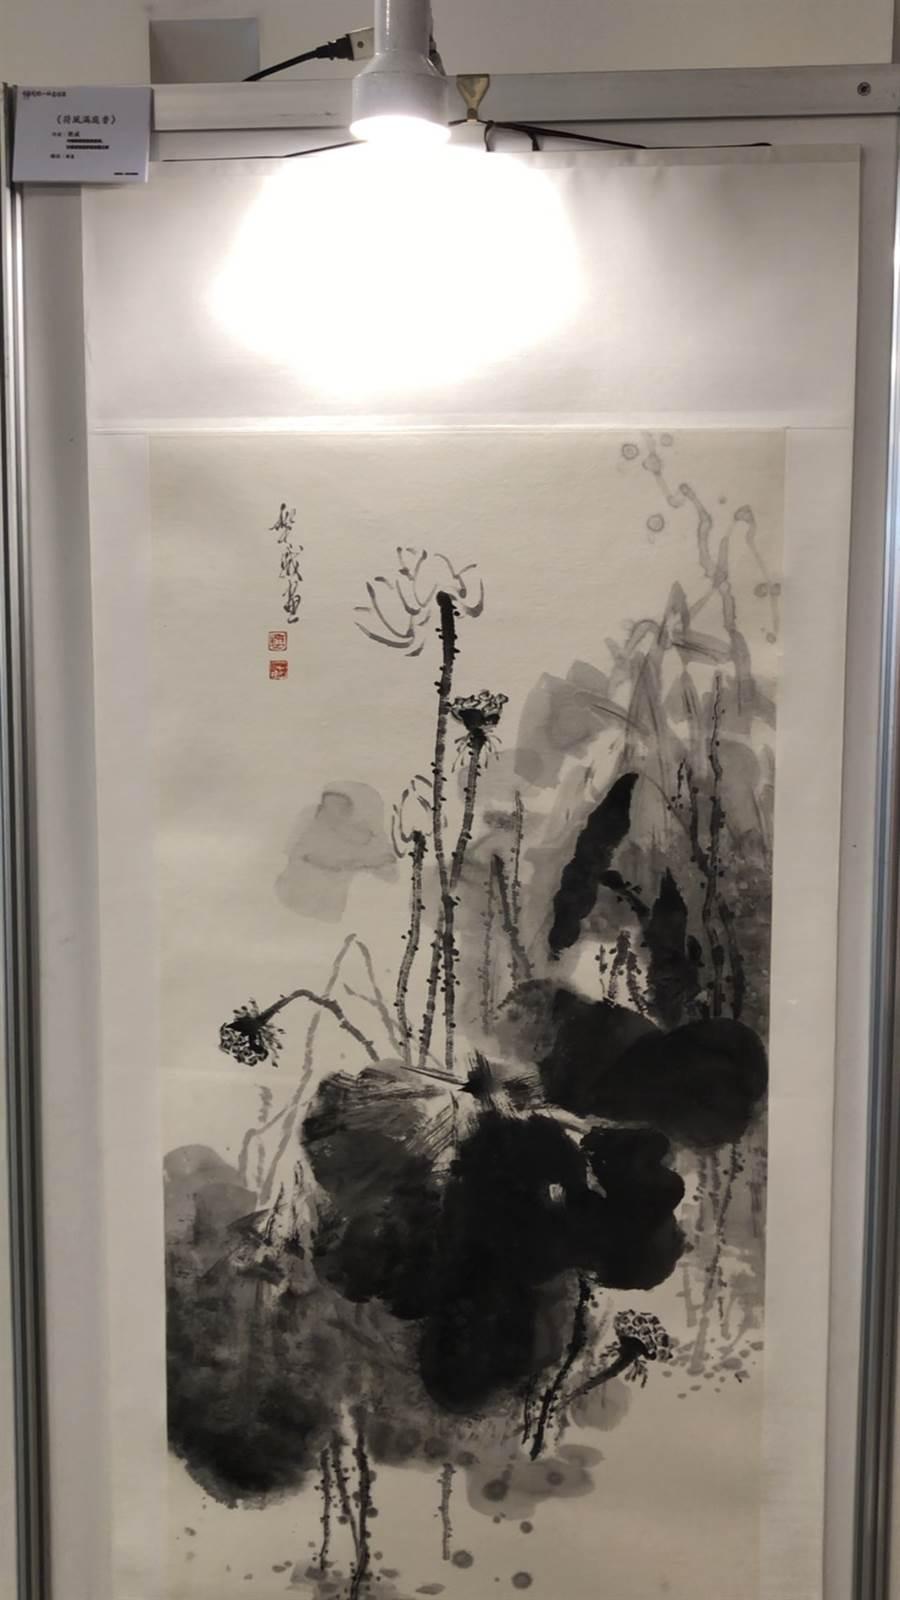 國畫《荷風滿庭香》樊  威 / 中國美術家協會會員,甘肅省美術家協會副主席